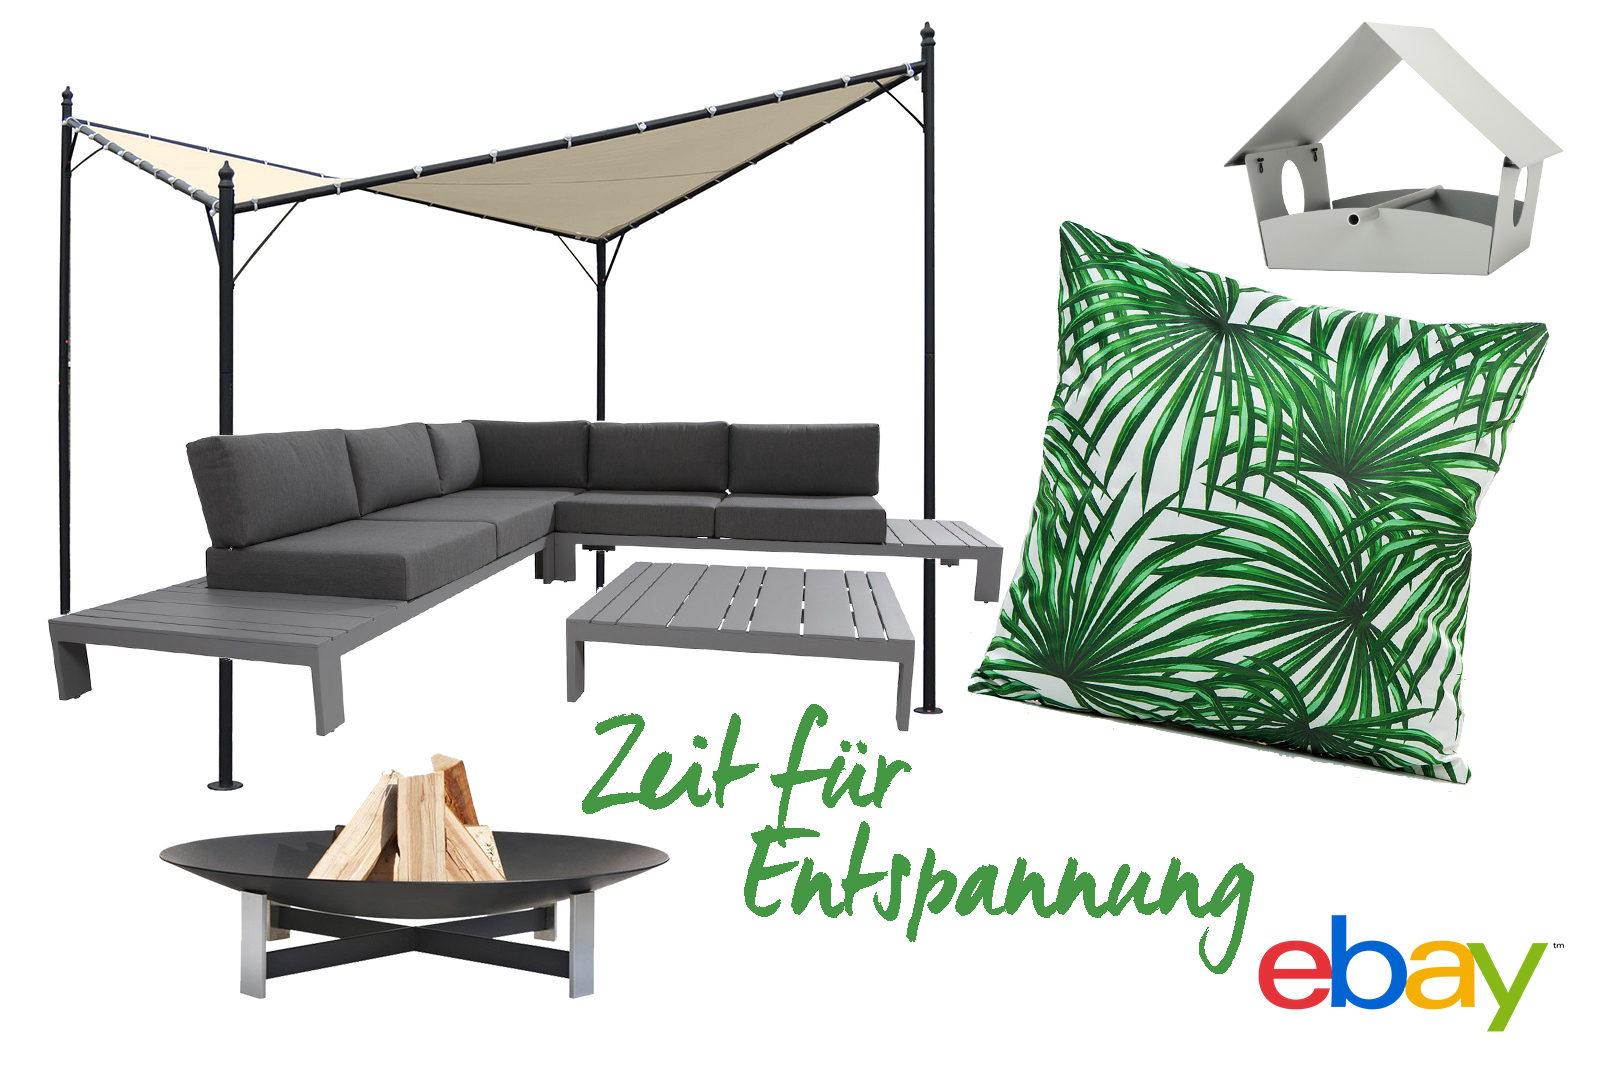 Gartenmöbel für groß und klein | eBay.de Deutschland Home & Garden